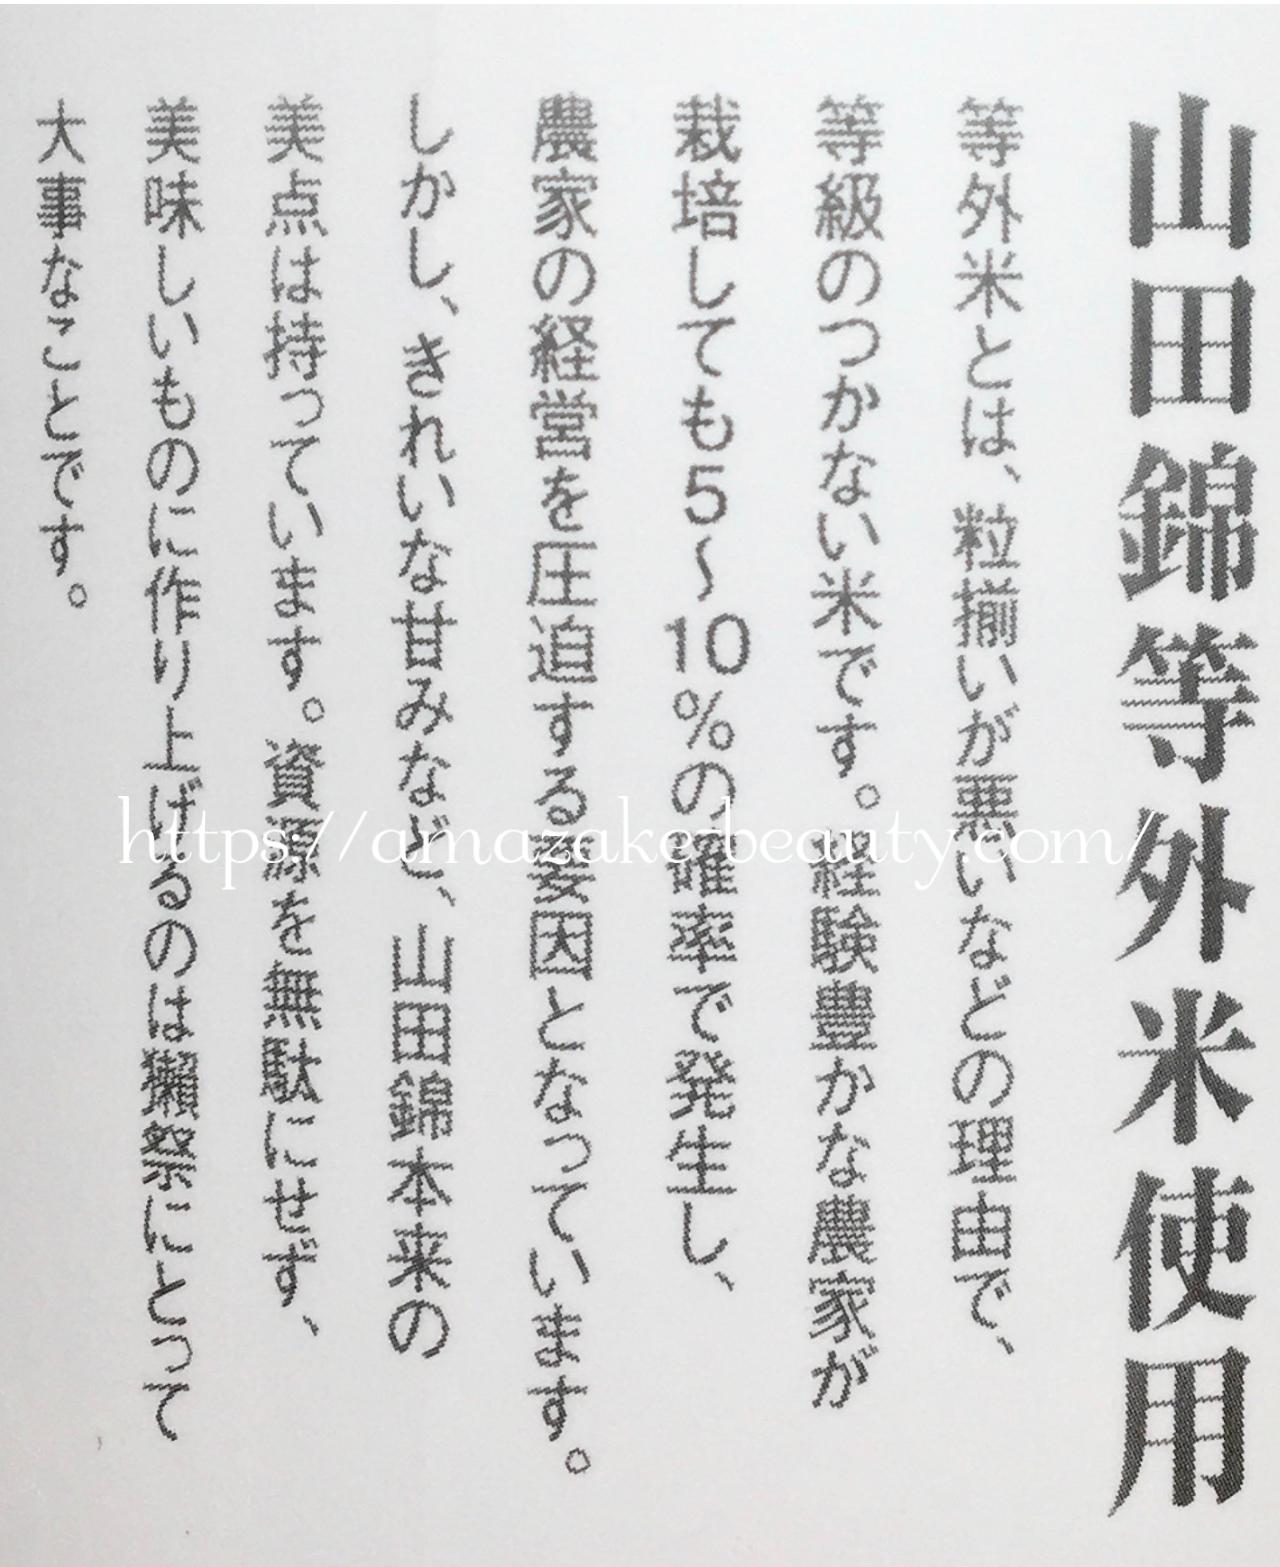 [amazake]asahishuzo[dassai amazake](description)